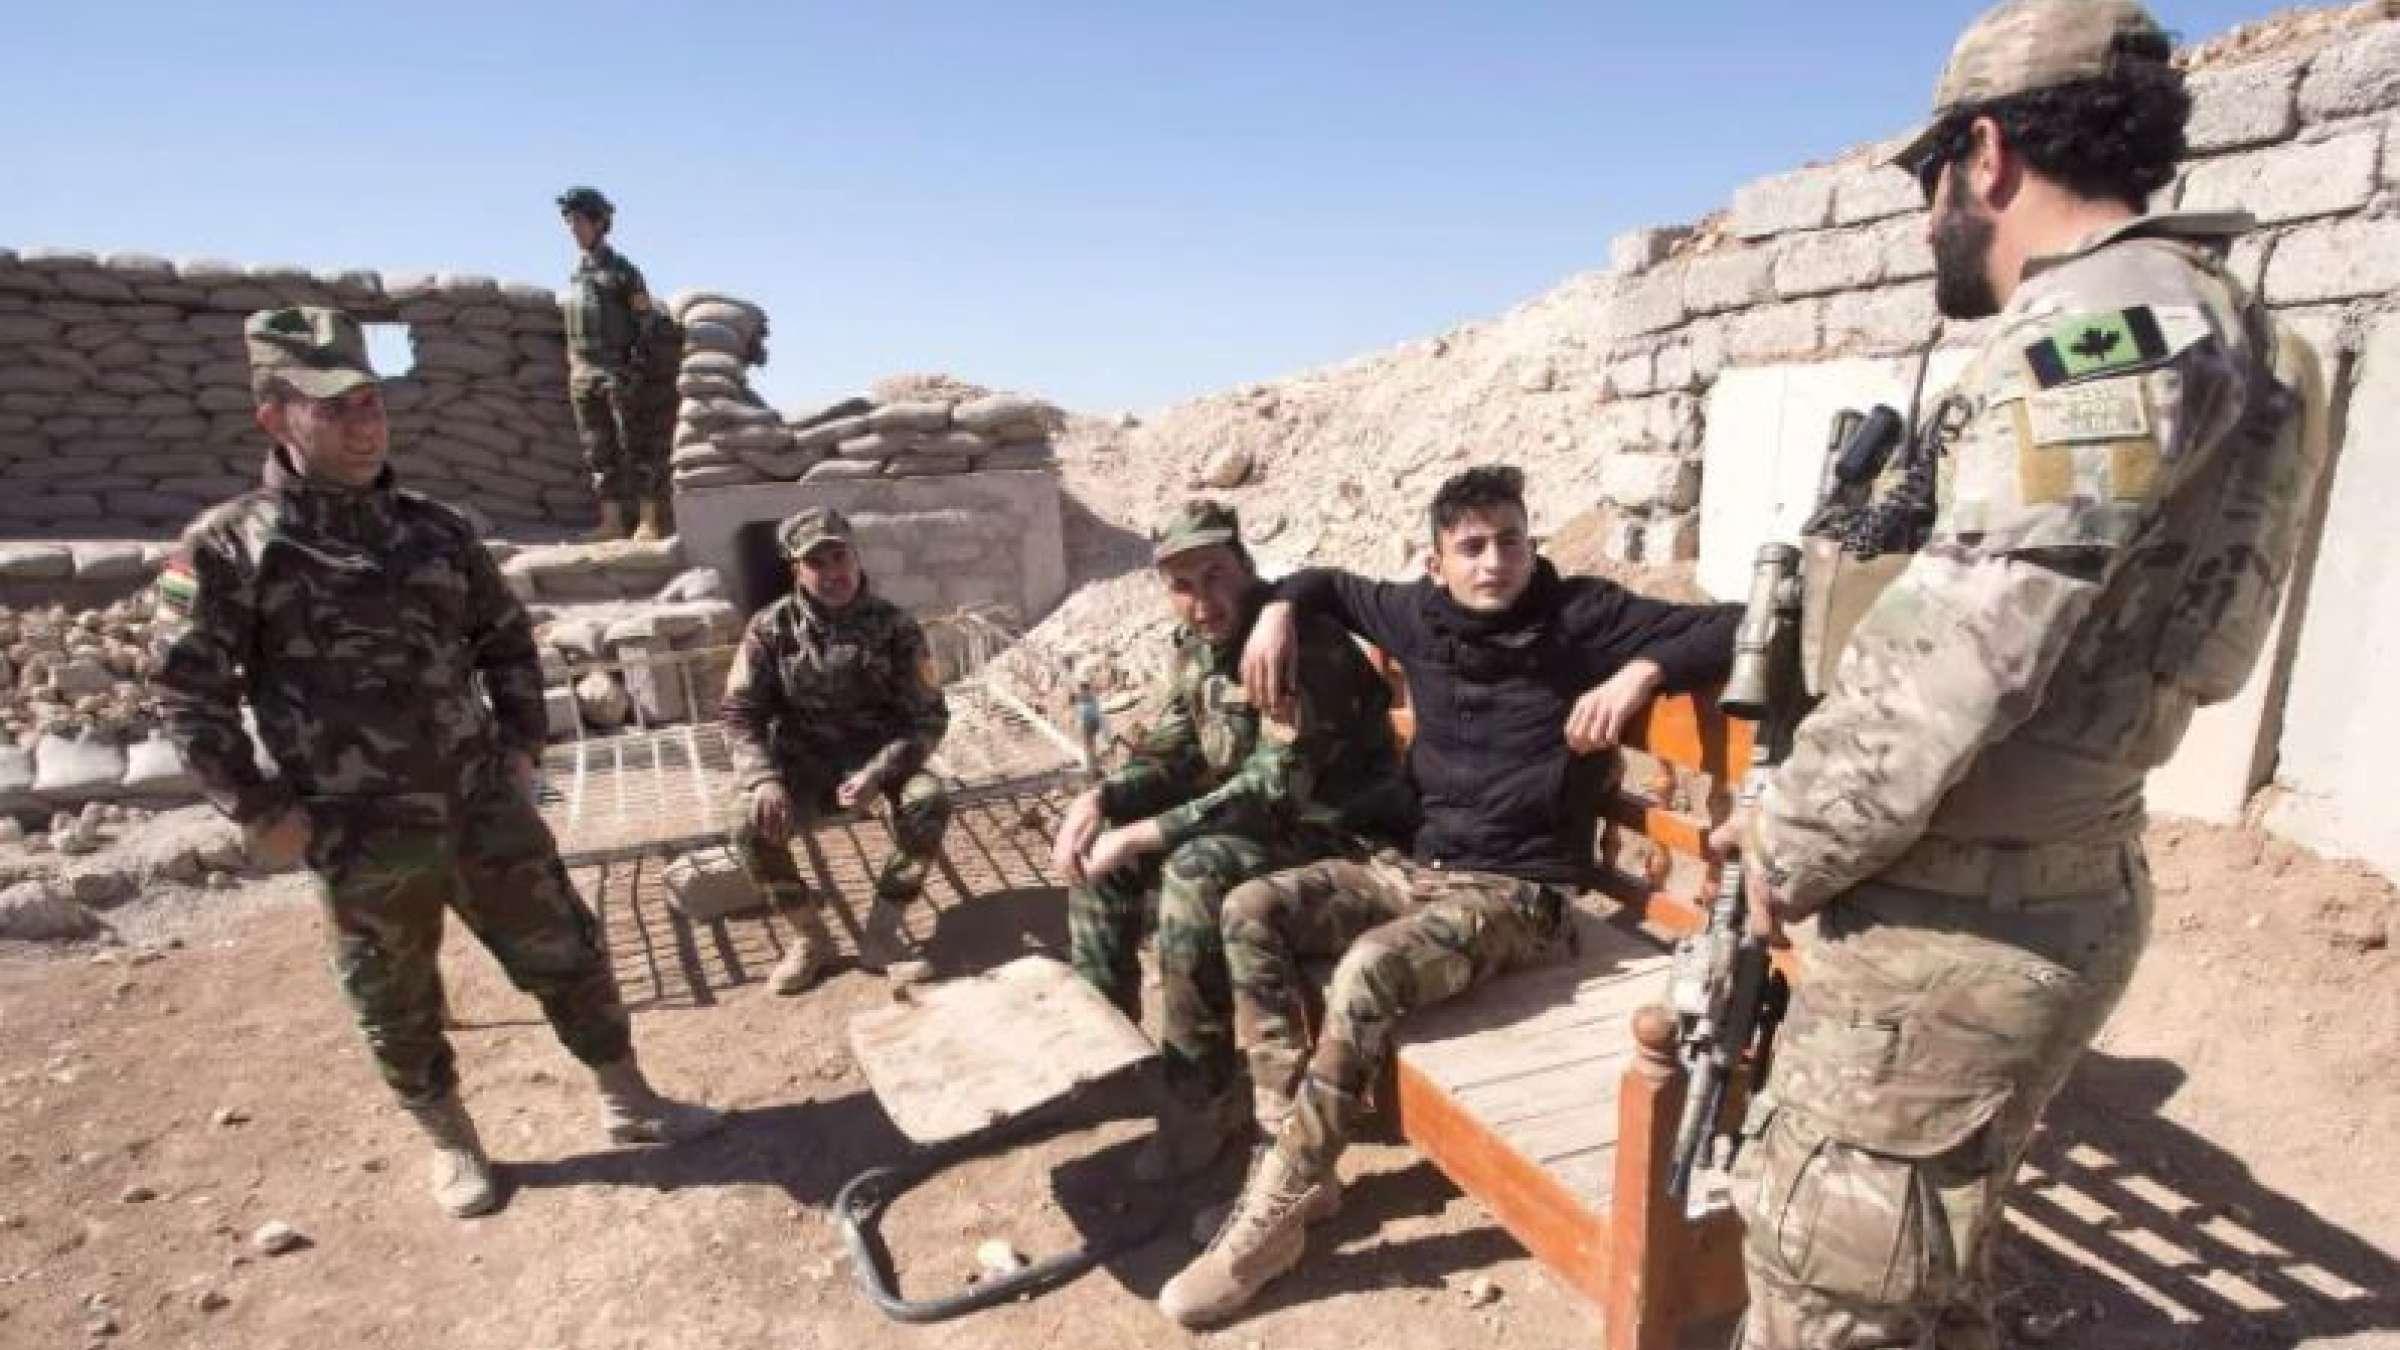 آیا-ماموریت-ارتش-کانادا-در-عراق-در-ارتباط-با-ایران-تغییر-کرده-است-تاثیر-آمدن-بایدن-بر- ترامپ-در-استراتژی-نظامی-کانادا